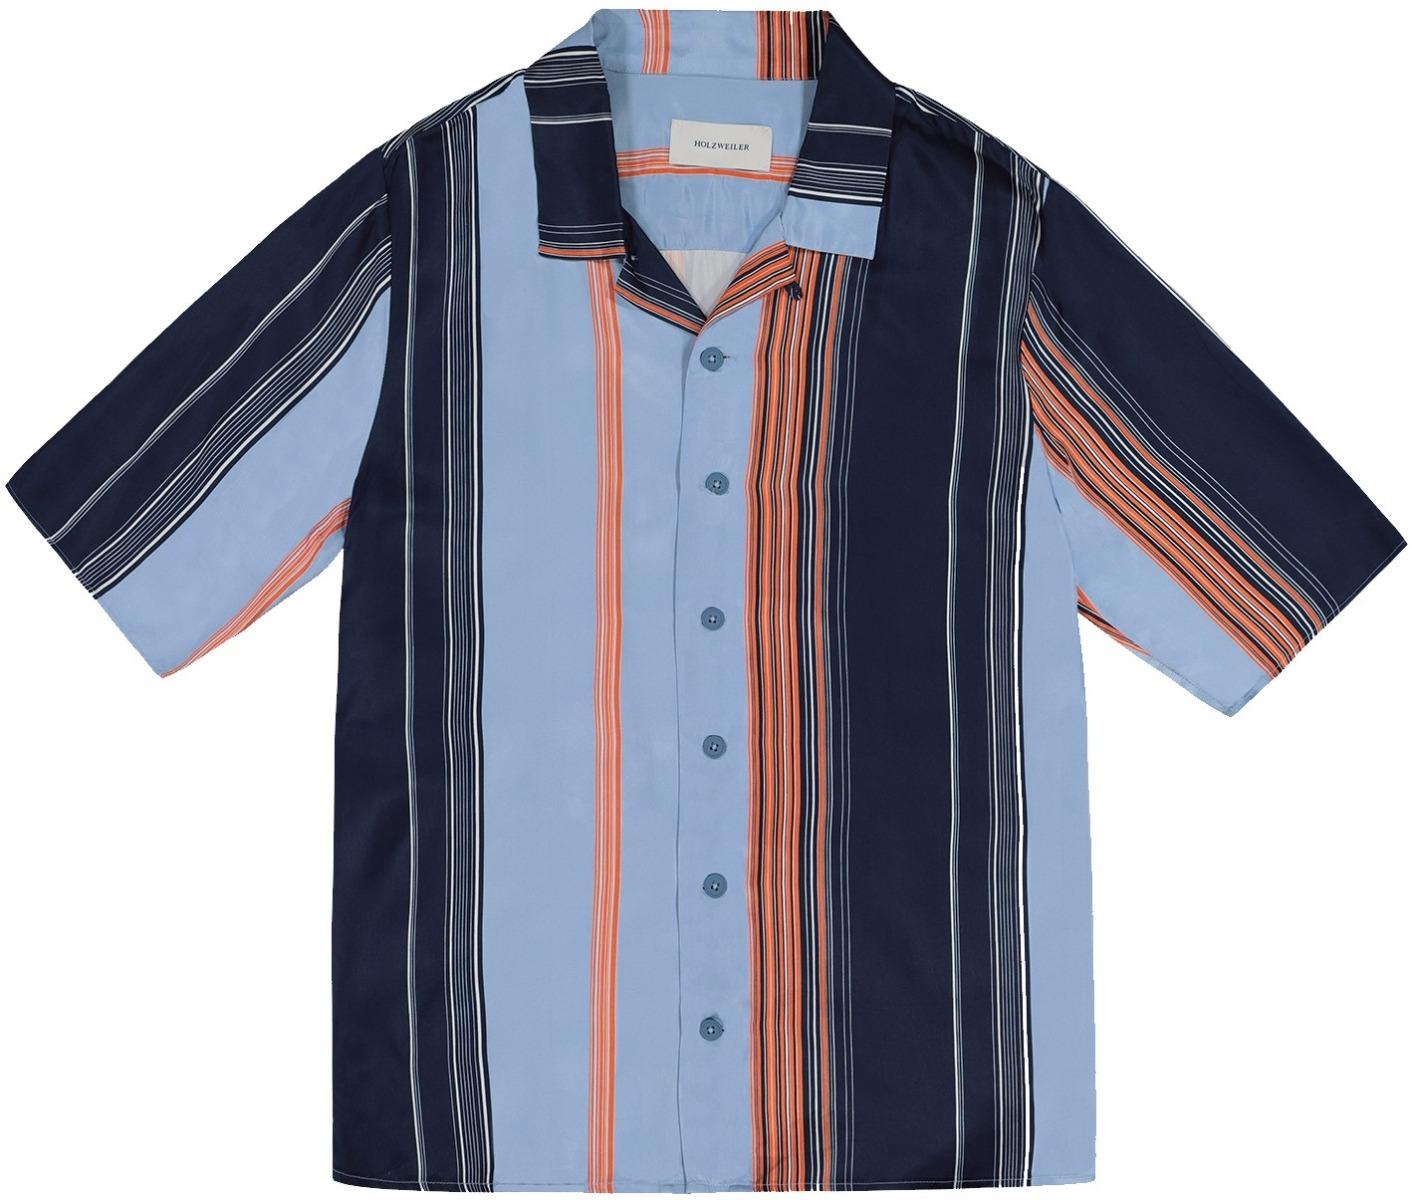 kortermet skjorte til dress